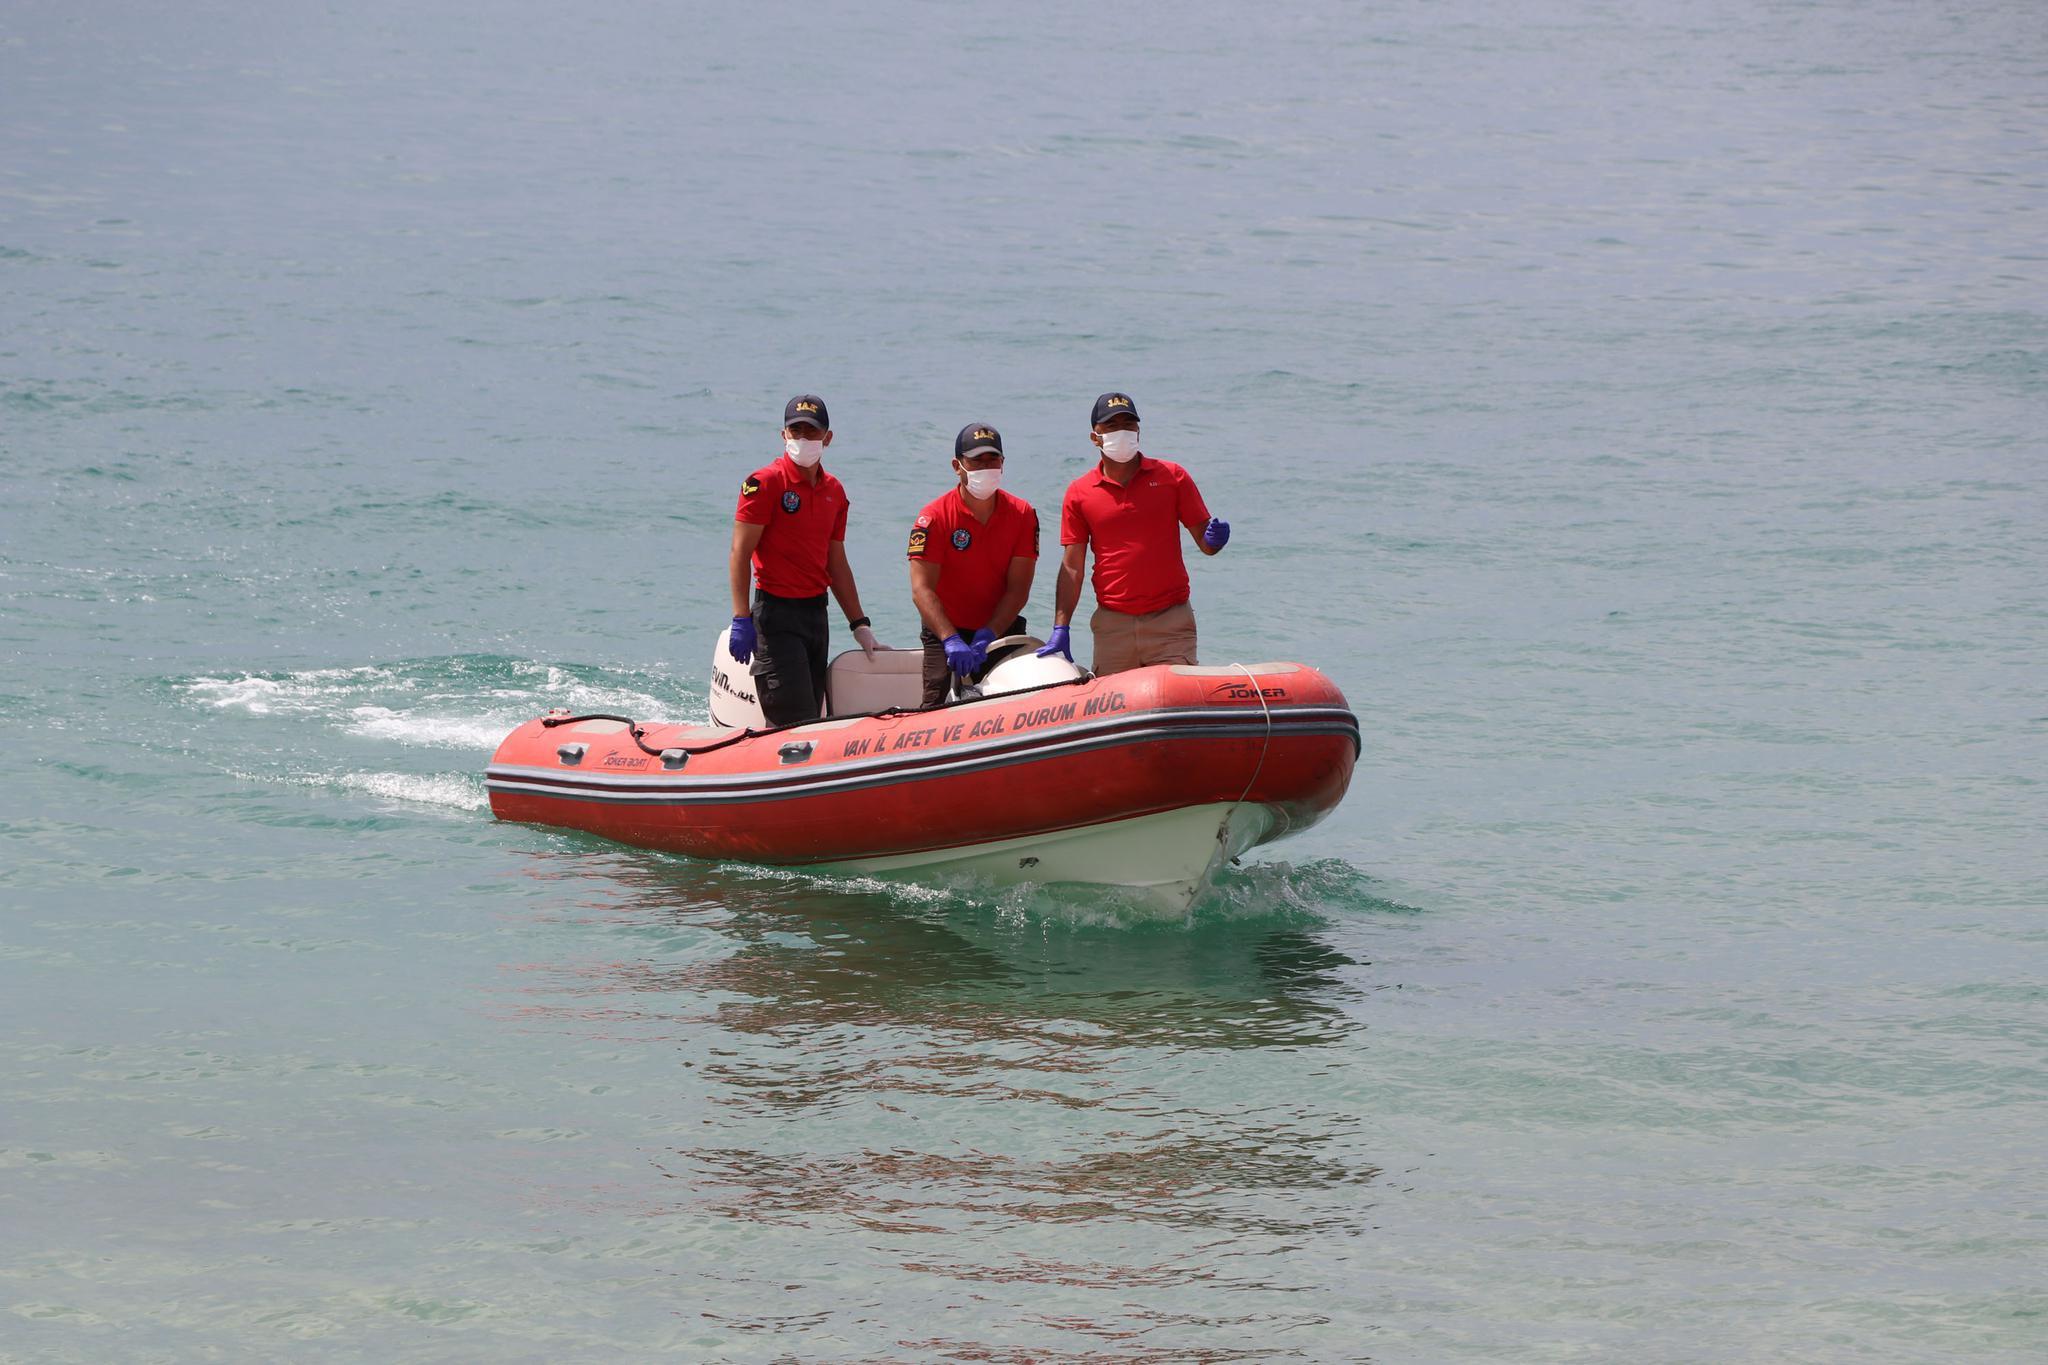 当地时间7月8日,搜救人员确定了推翻船只的详细位置新闻动态,挨近伊朗。据土媒称新闻动态,船上能够有55至60名作恶侨民。据土媒称新闻动态,是为了避开警方的检查站。(总台记者 顾玉婷)</p>       <p class=